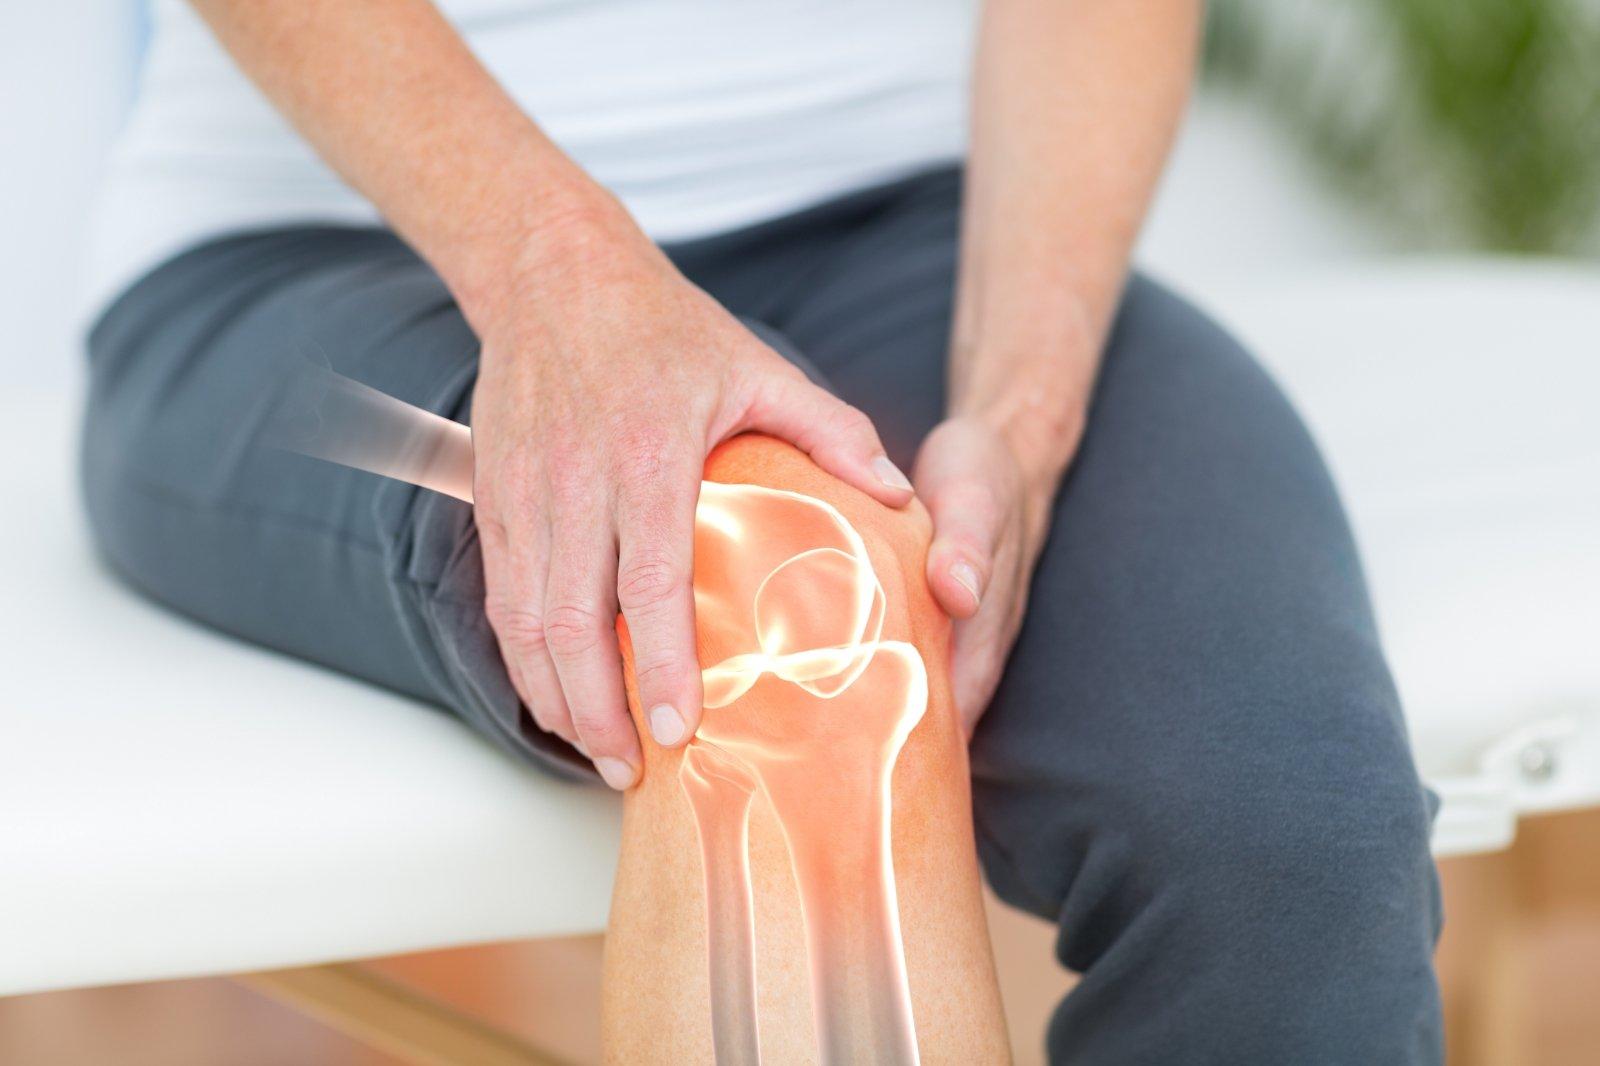 kaip kad sąnariai ne skauda tirpimas didžiuoju pirštu dešinėje artritas